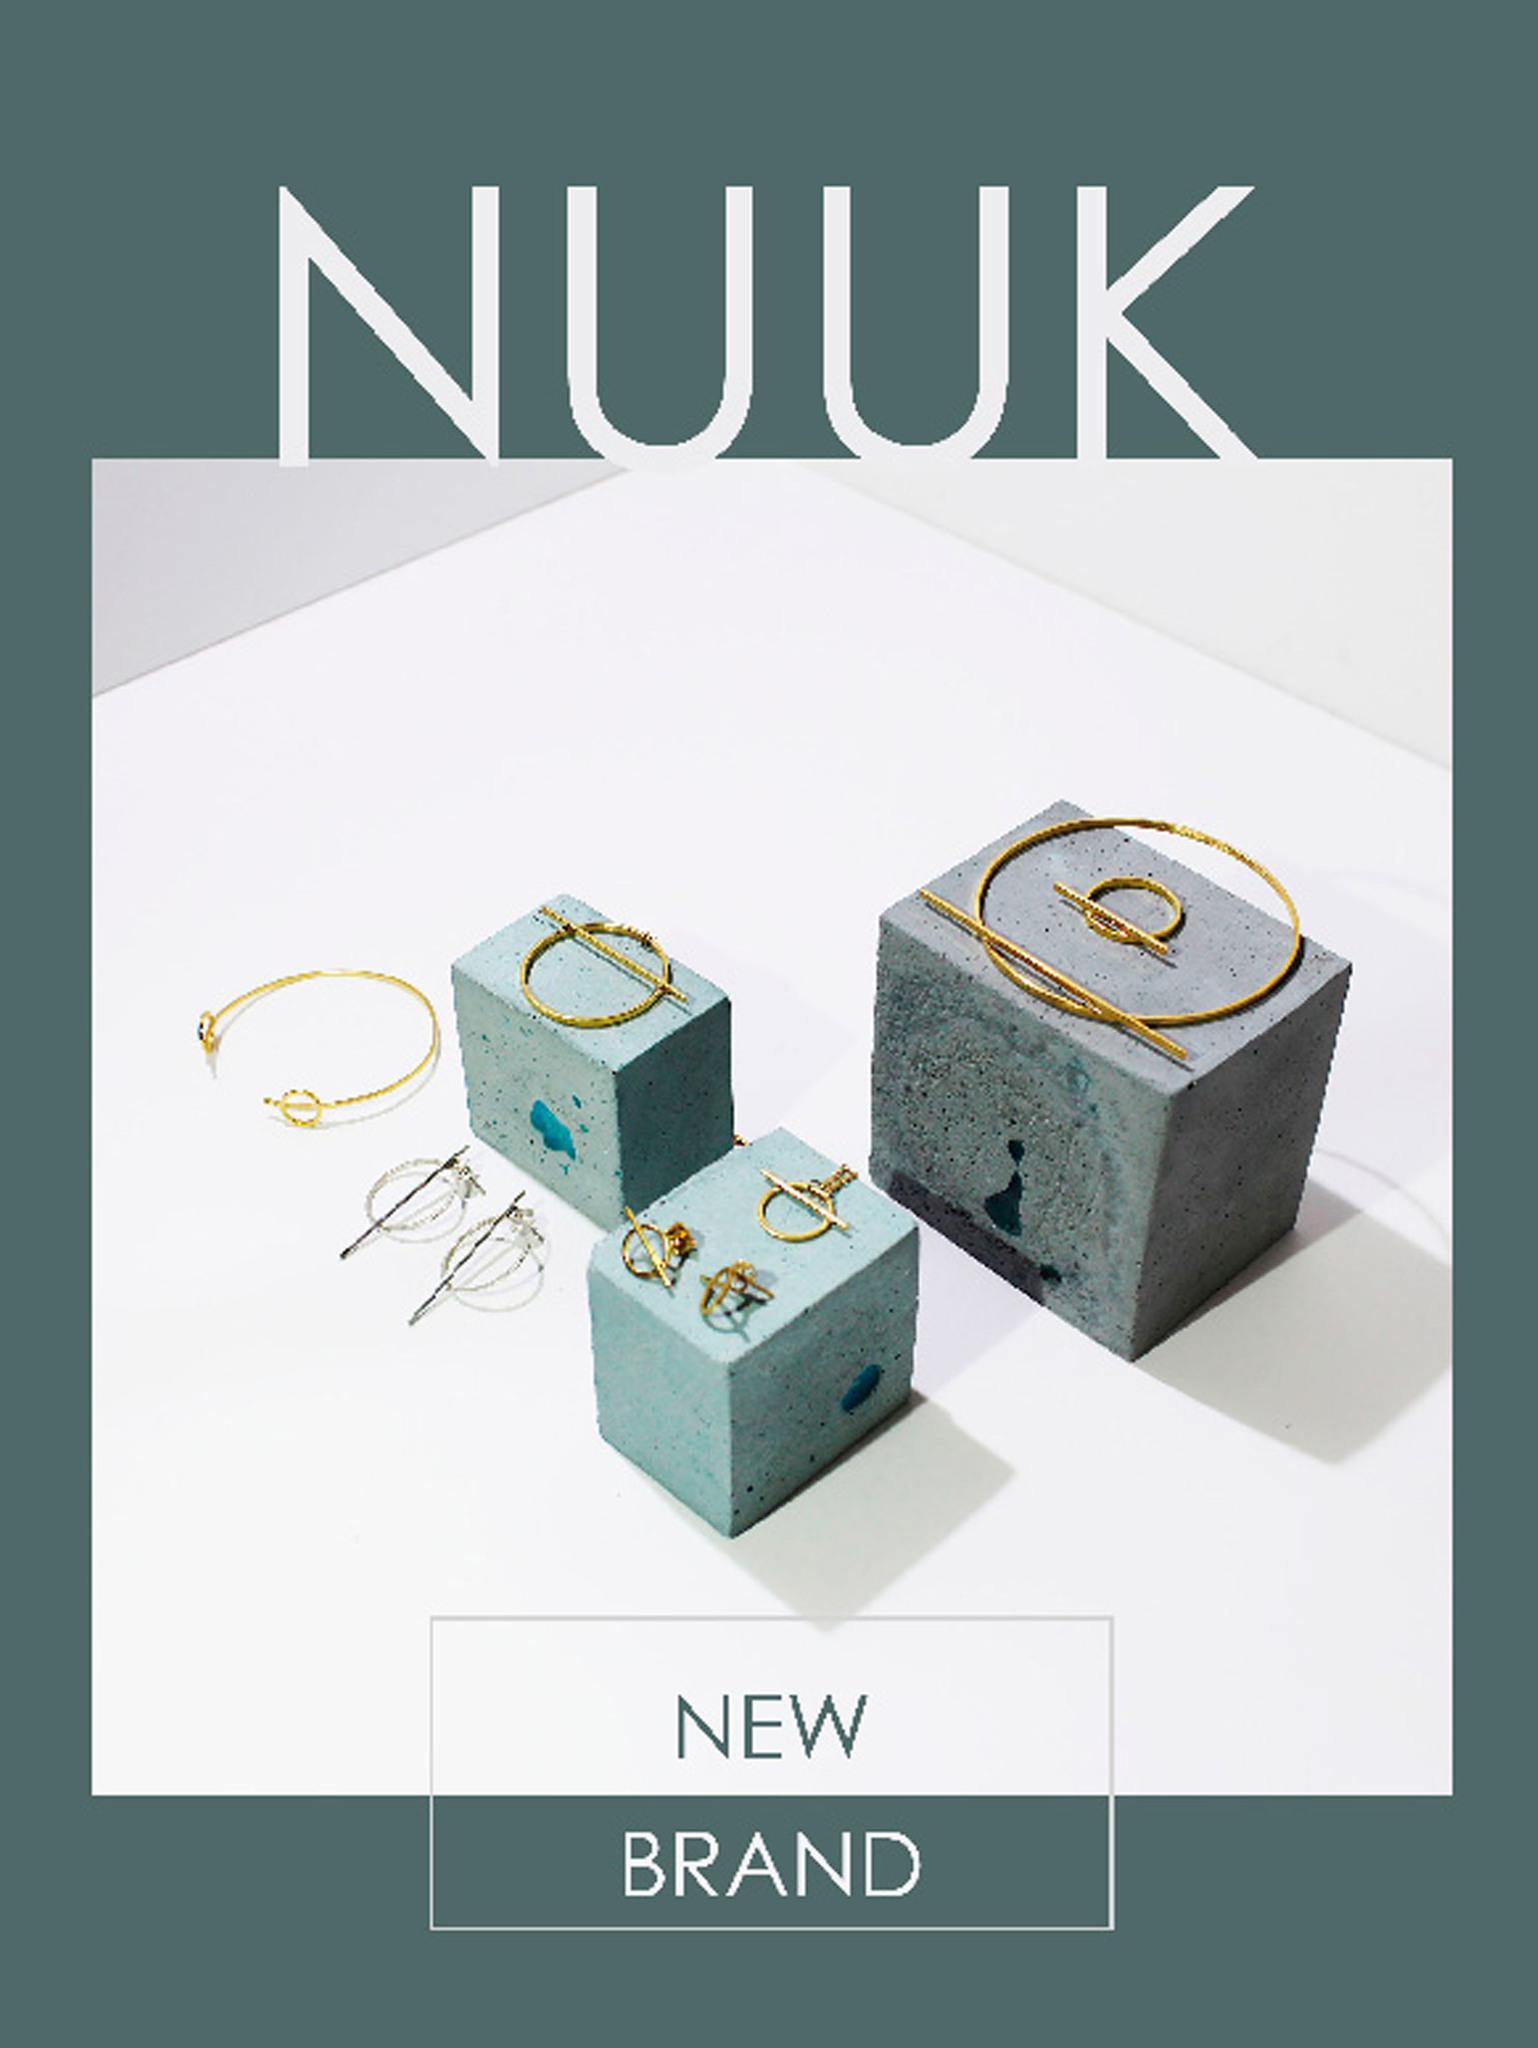 Коллекция серебряных украшений от португальского бренда NUUK в MODBRAND.ru